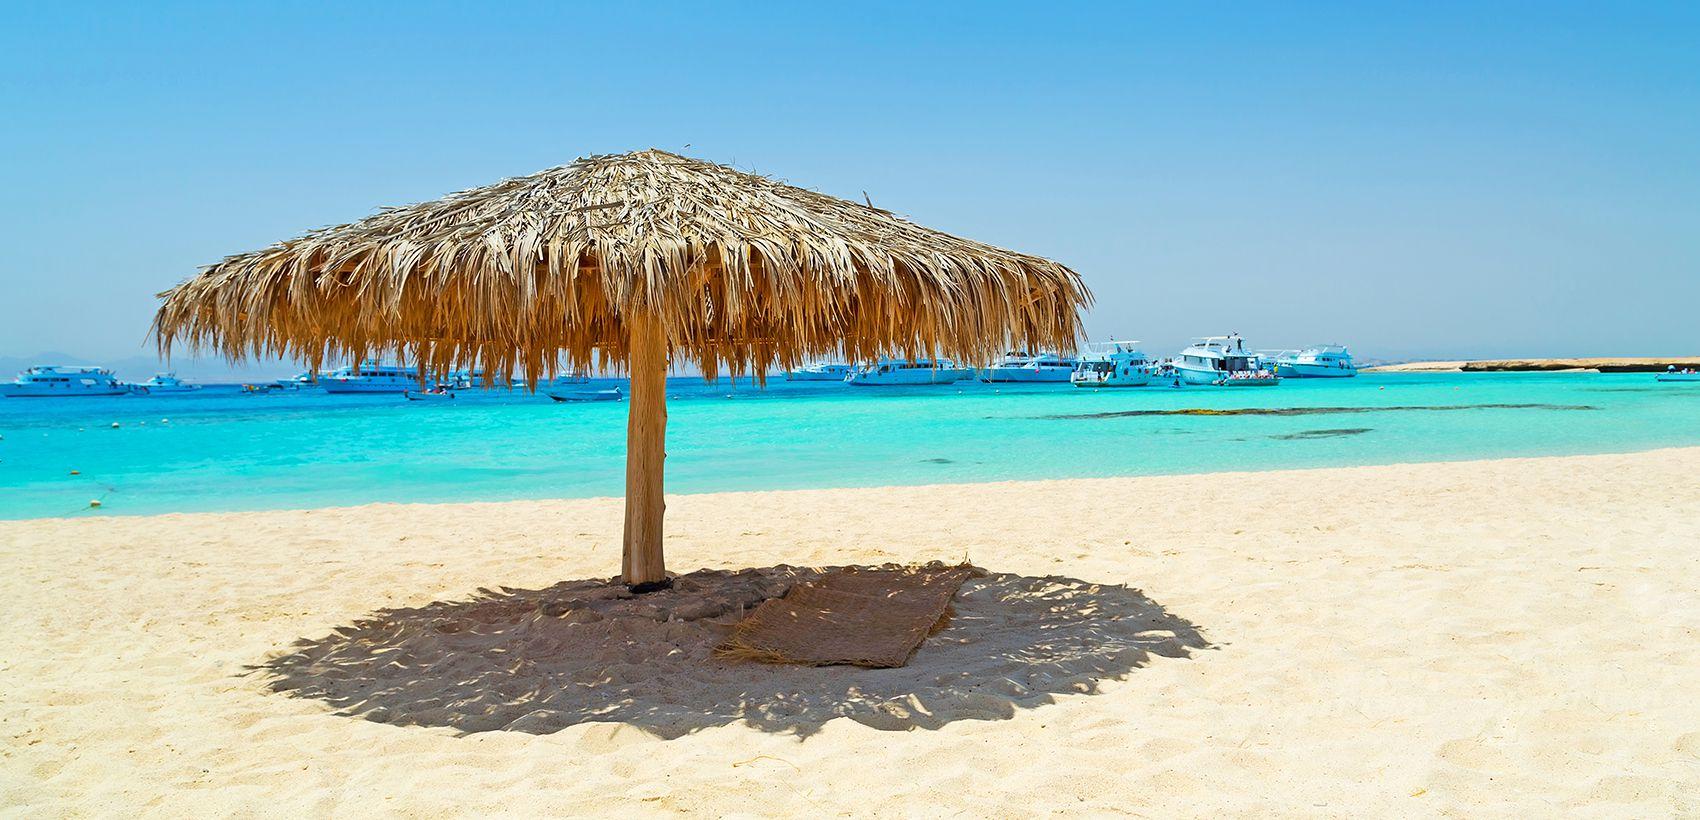 Egito - Hurghada| Lisboa (Sab) e Porto (Seg)|Verão 2020